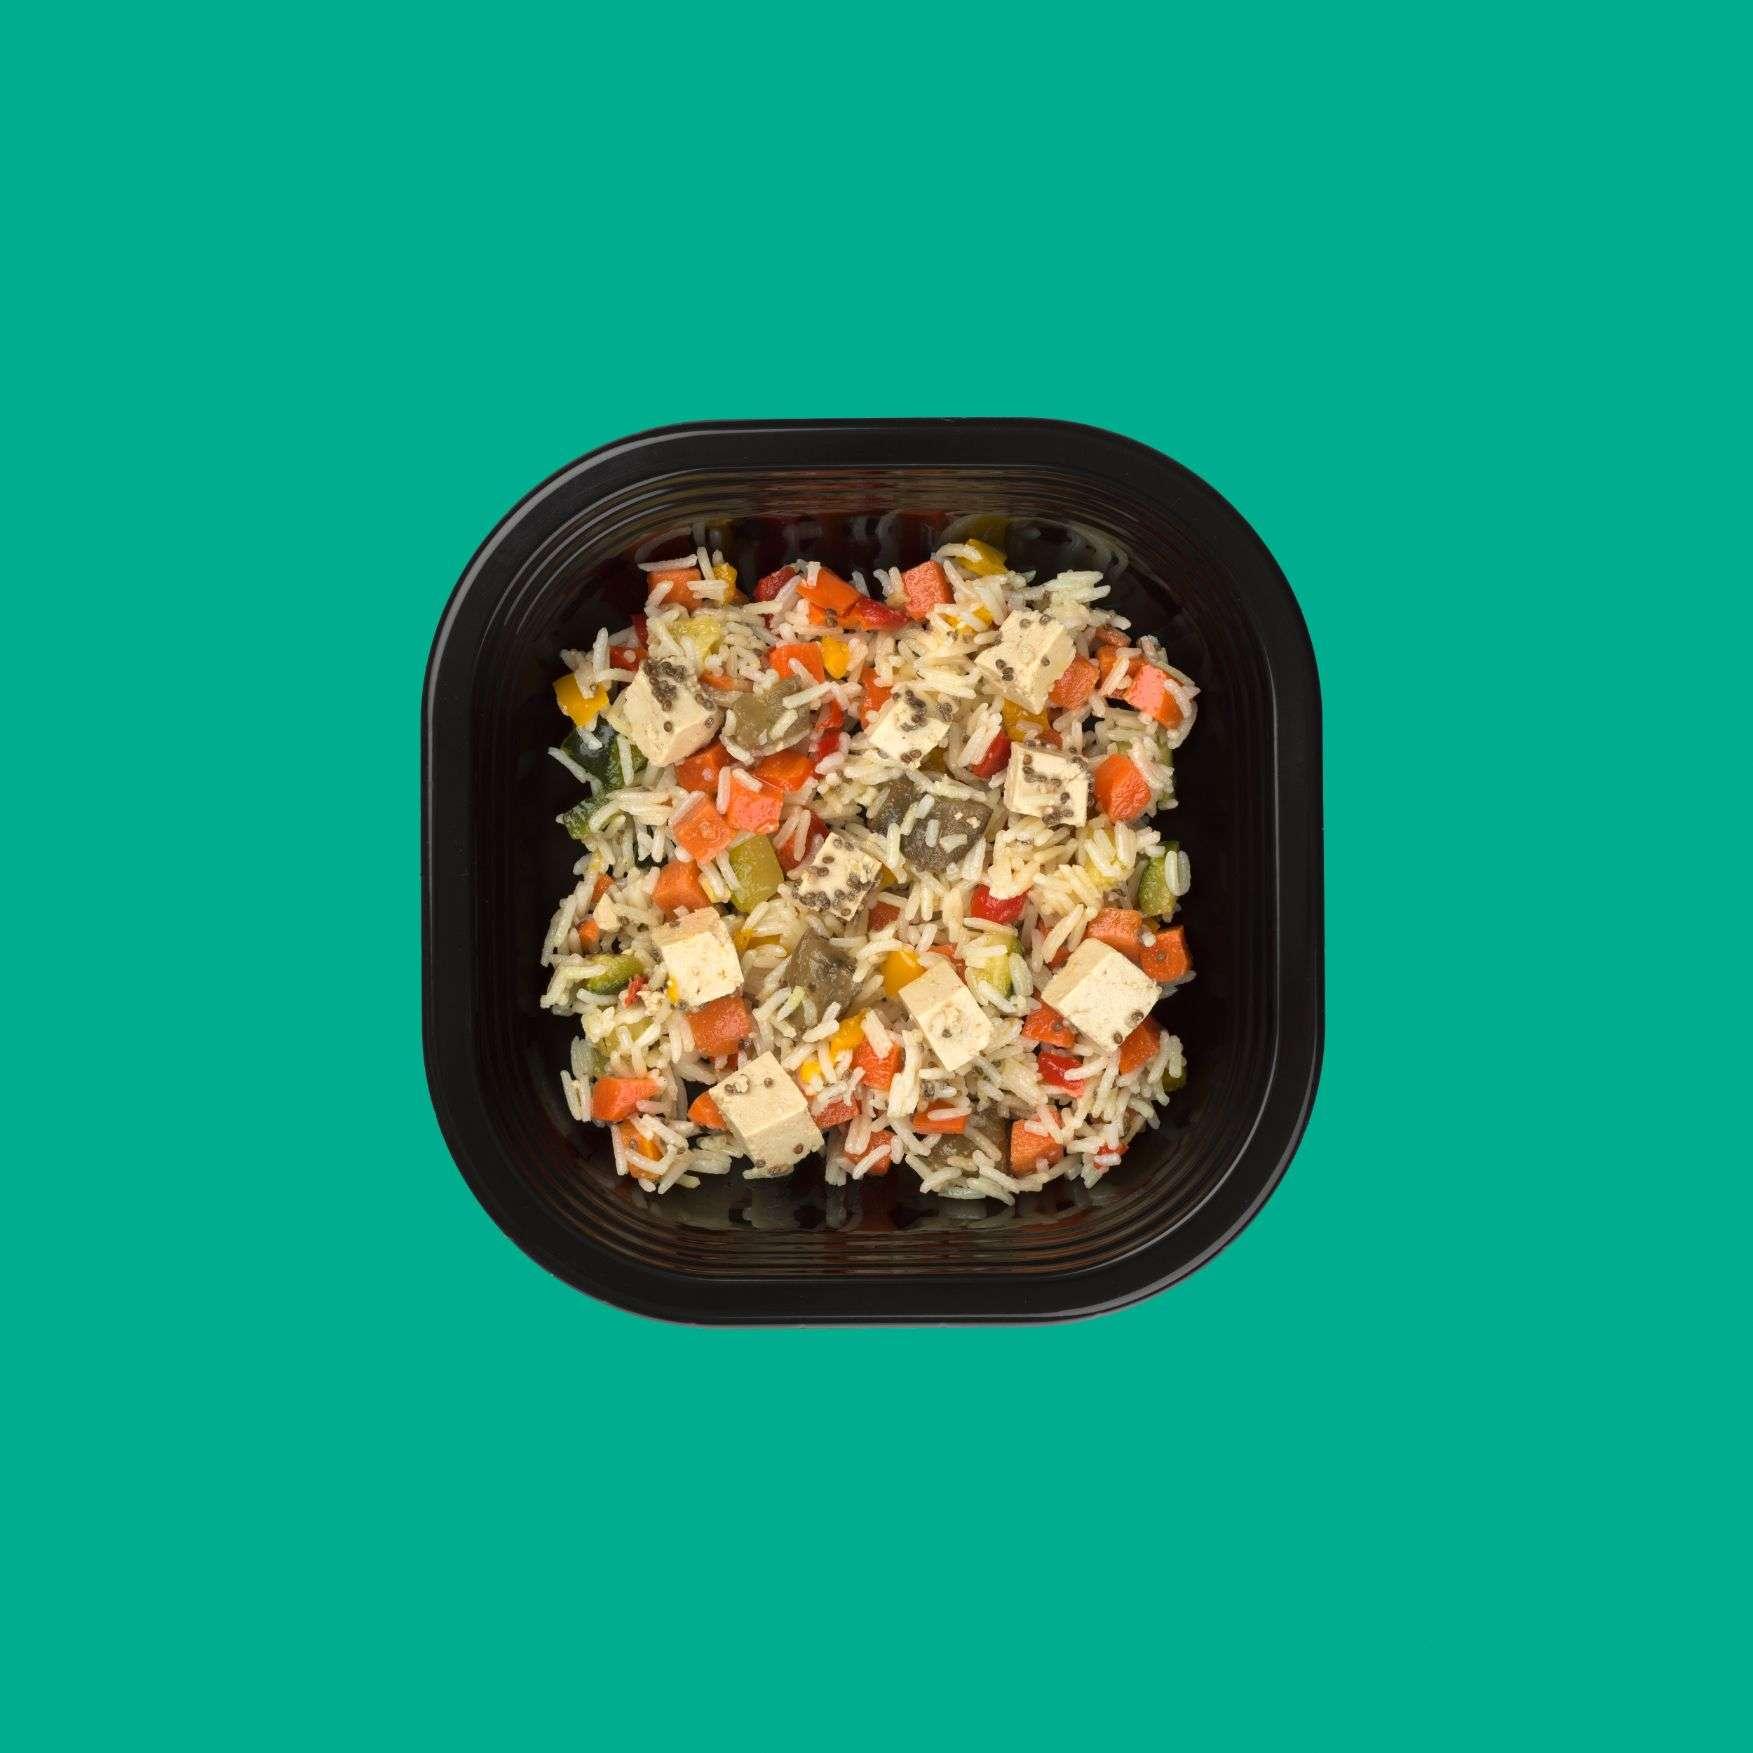 secondo-piatto-pronto-vegano-seitan